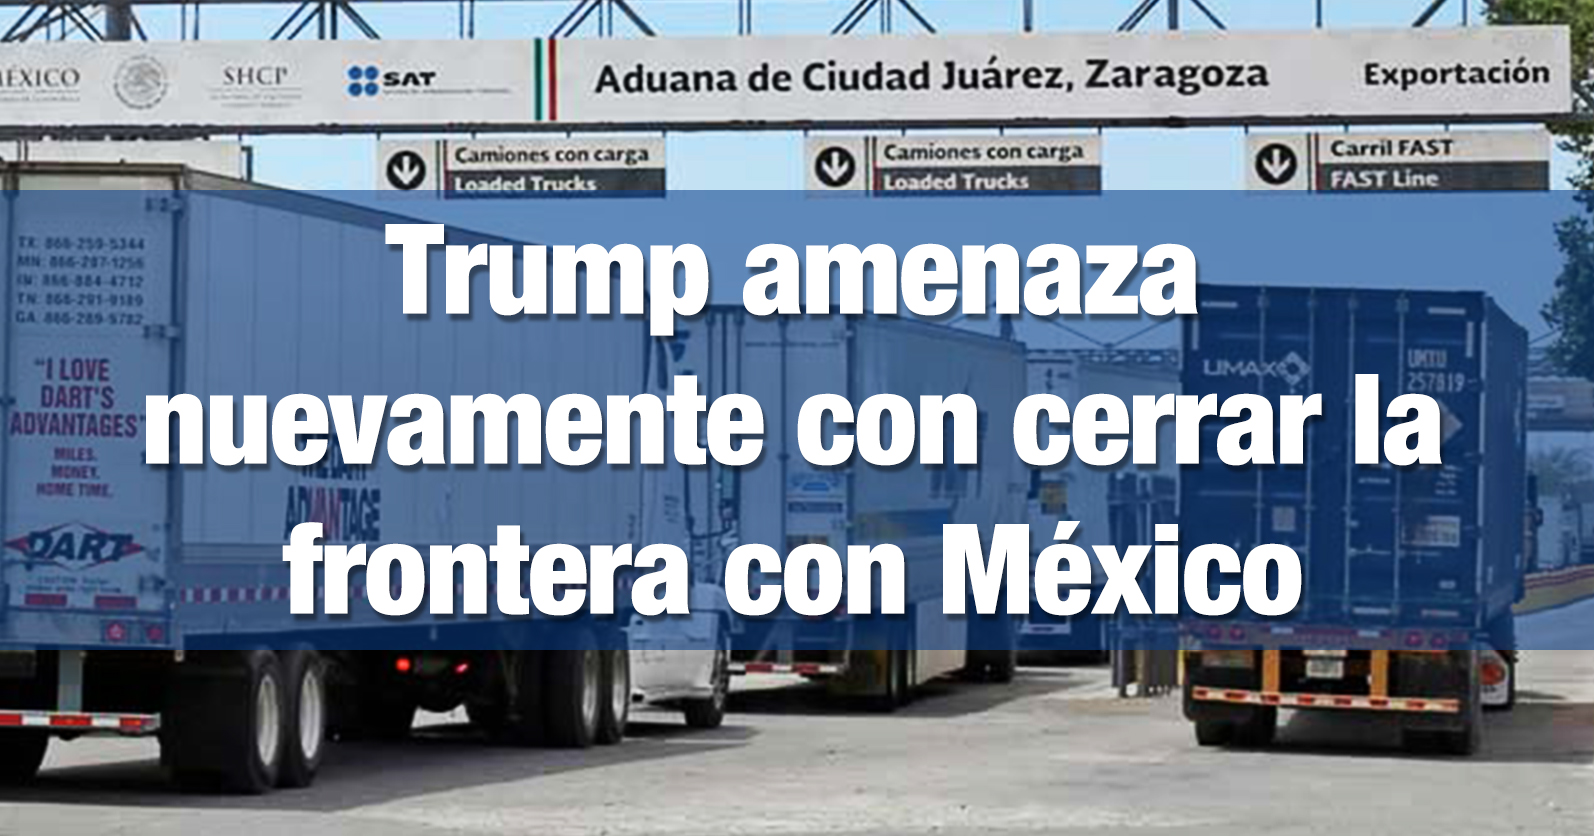 Trump amenaza nuevamente con cerrar la frontera con México